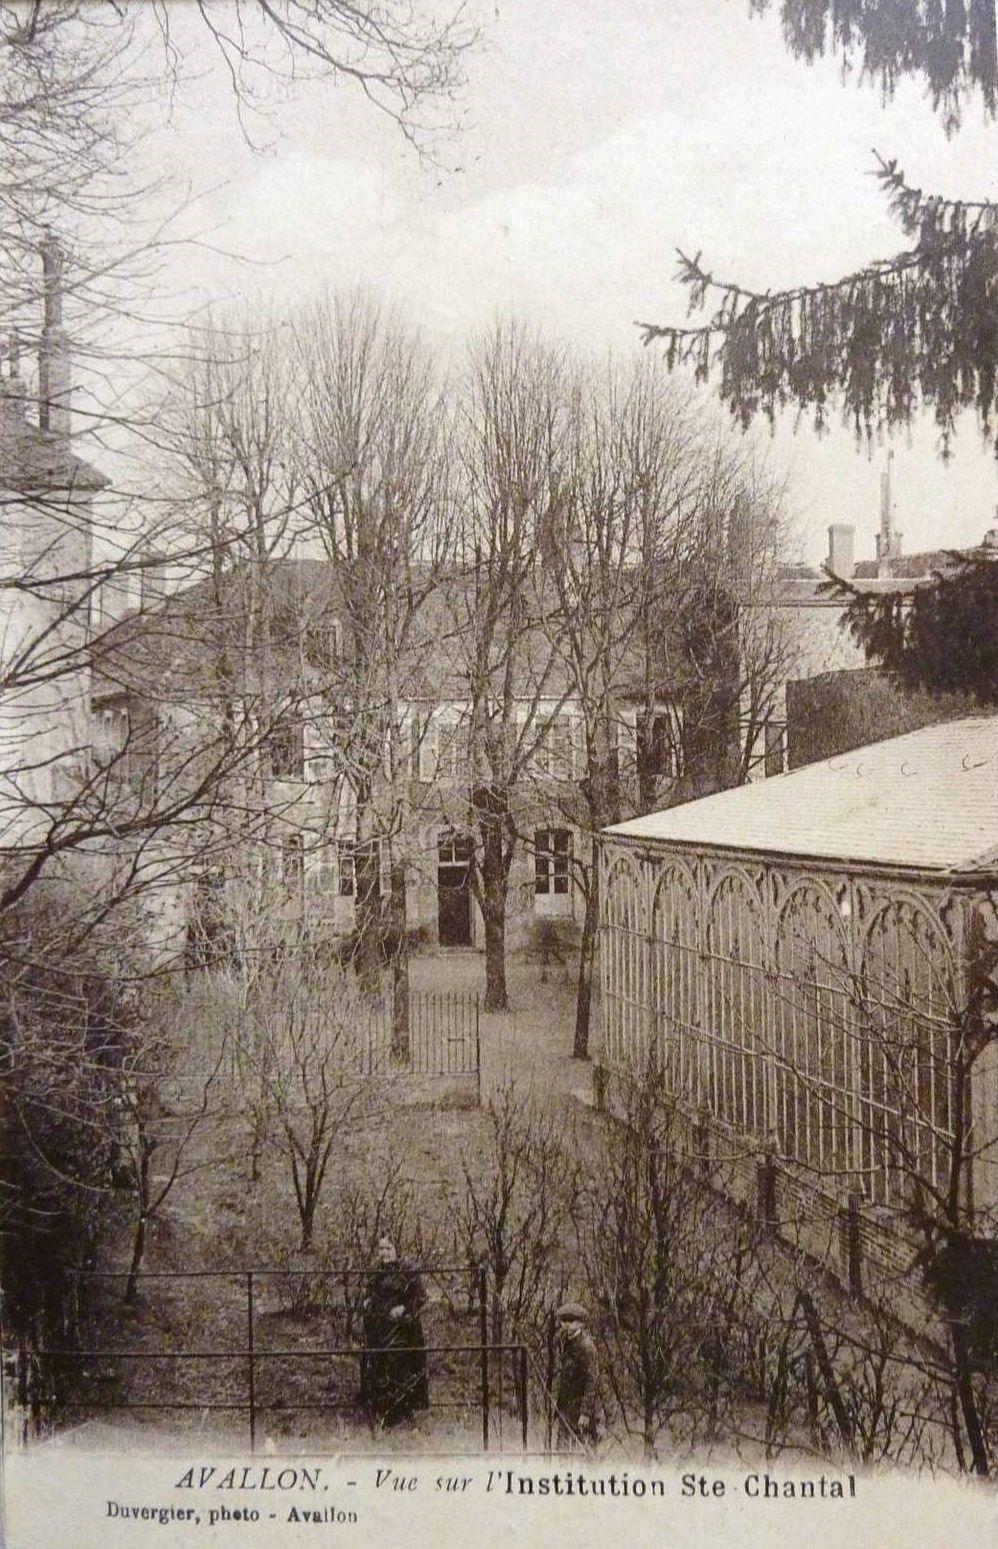 Avallon - Grande Rue, Quartier de la Tour de l'Horloge, Rue Carnot, Institution Ste Chantal - Avallon.